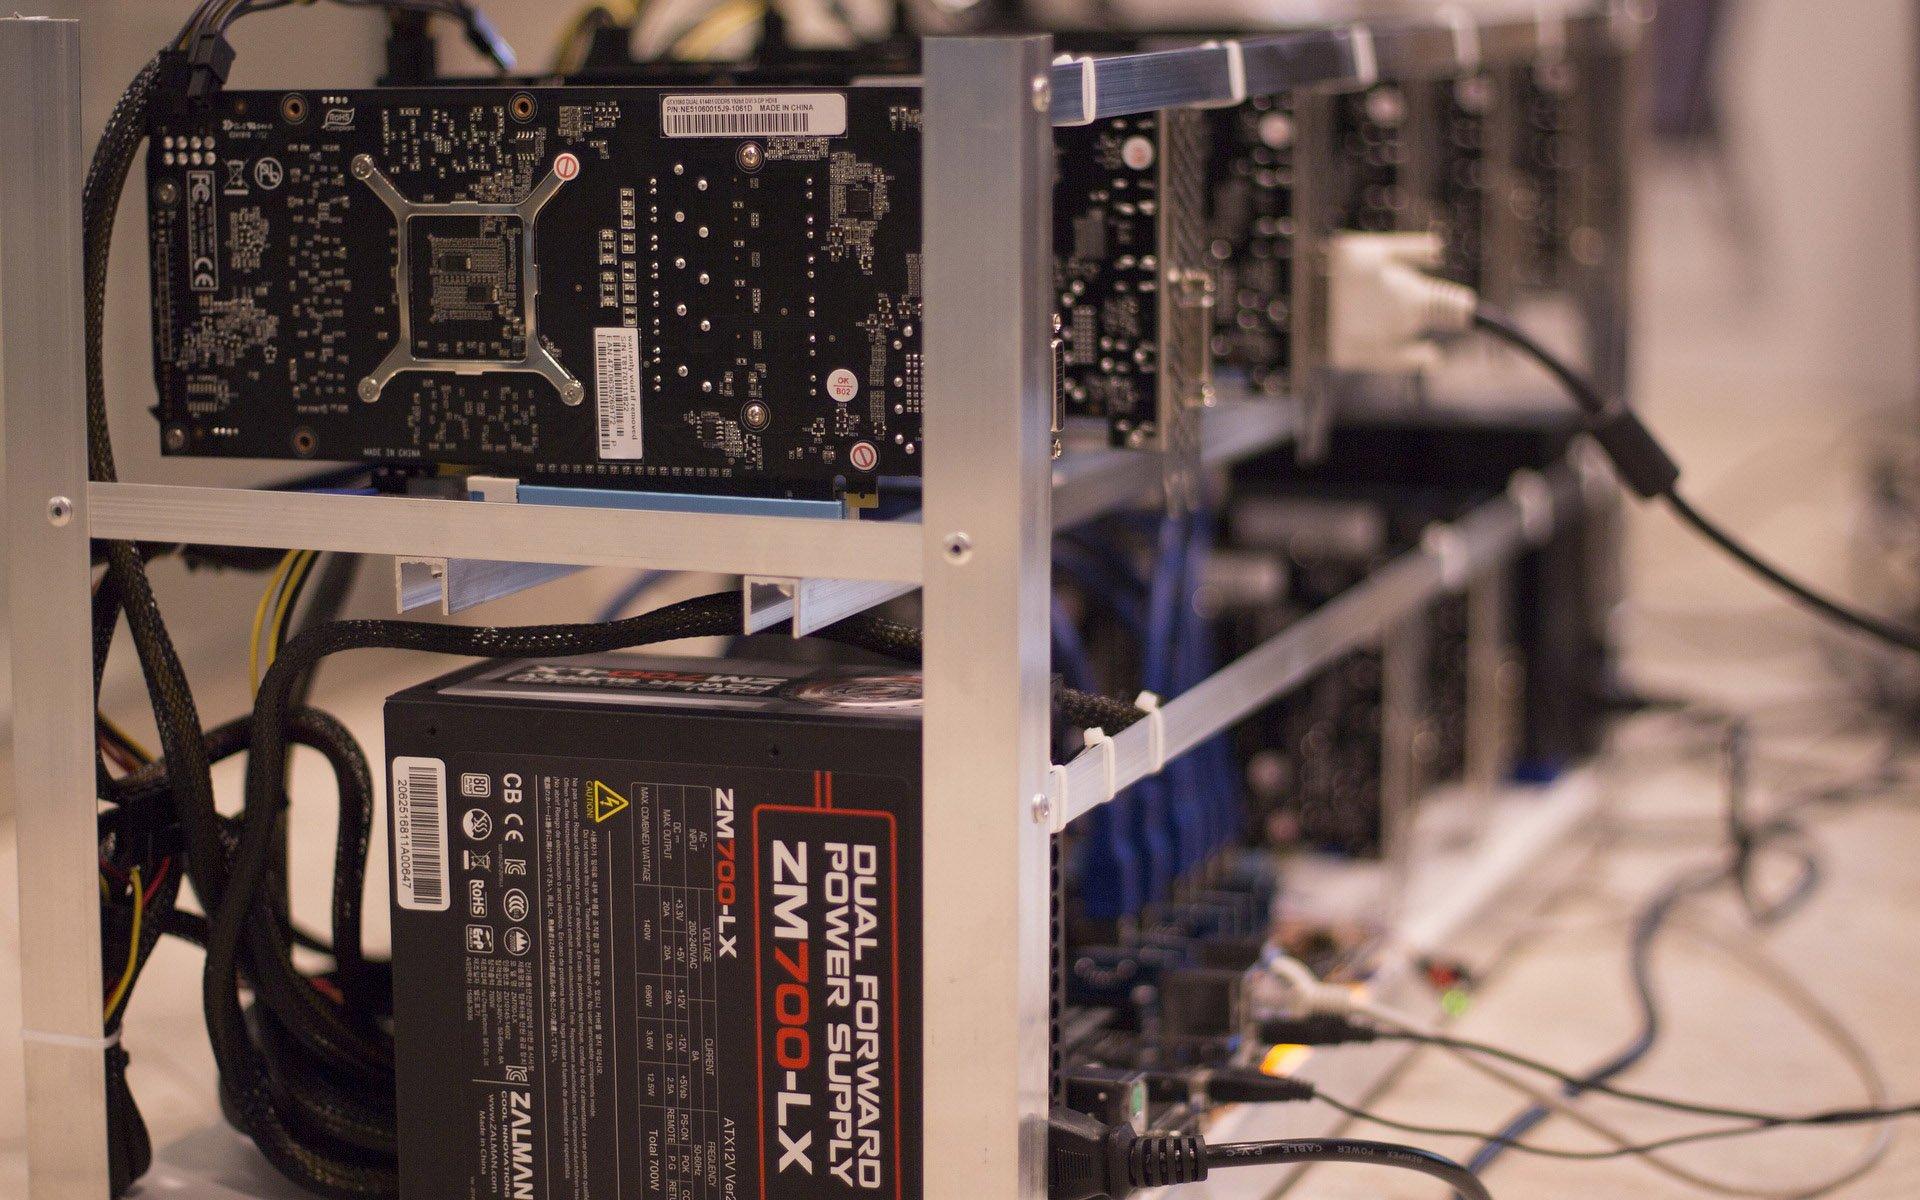 Venesuela suėmė keturias bitcoin miners prekybines aukštybes toliau